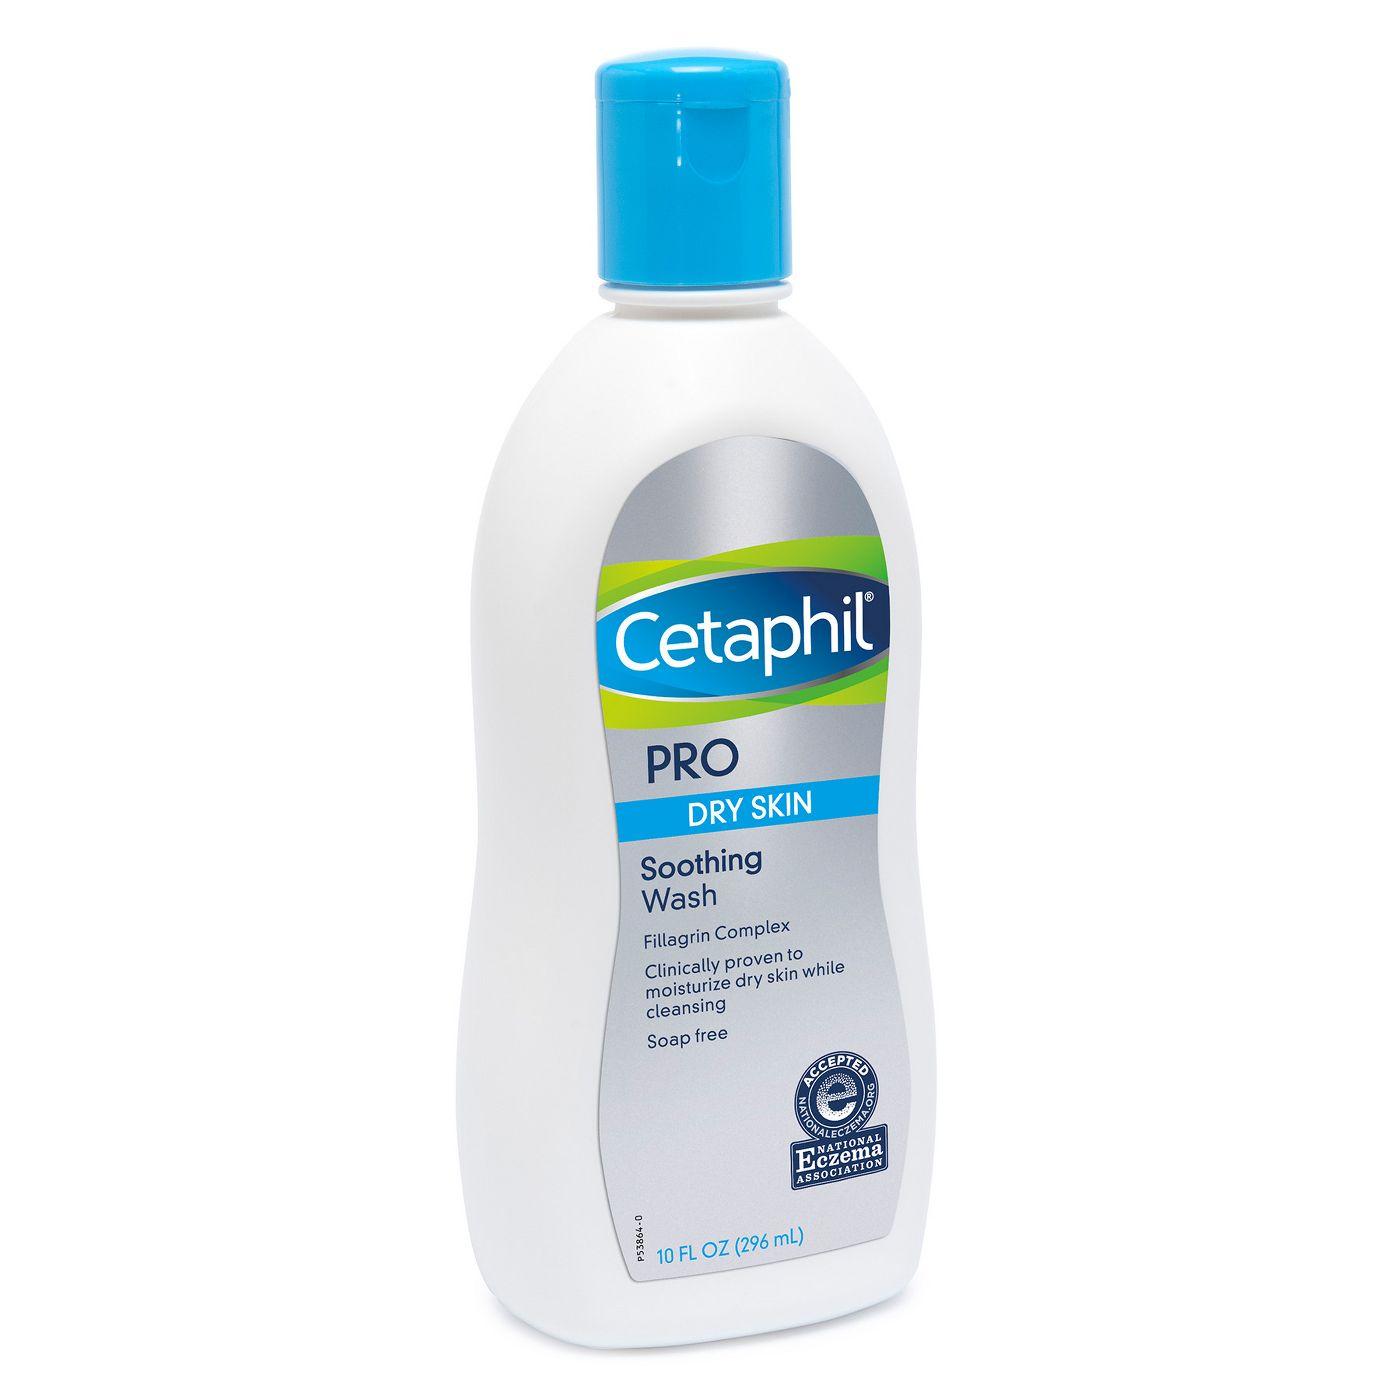 Cetaphil Restoraderm Unscented Skin Restoring Body Wash - 10 fl oz - image 1 of 8